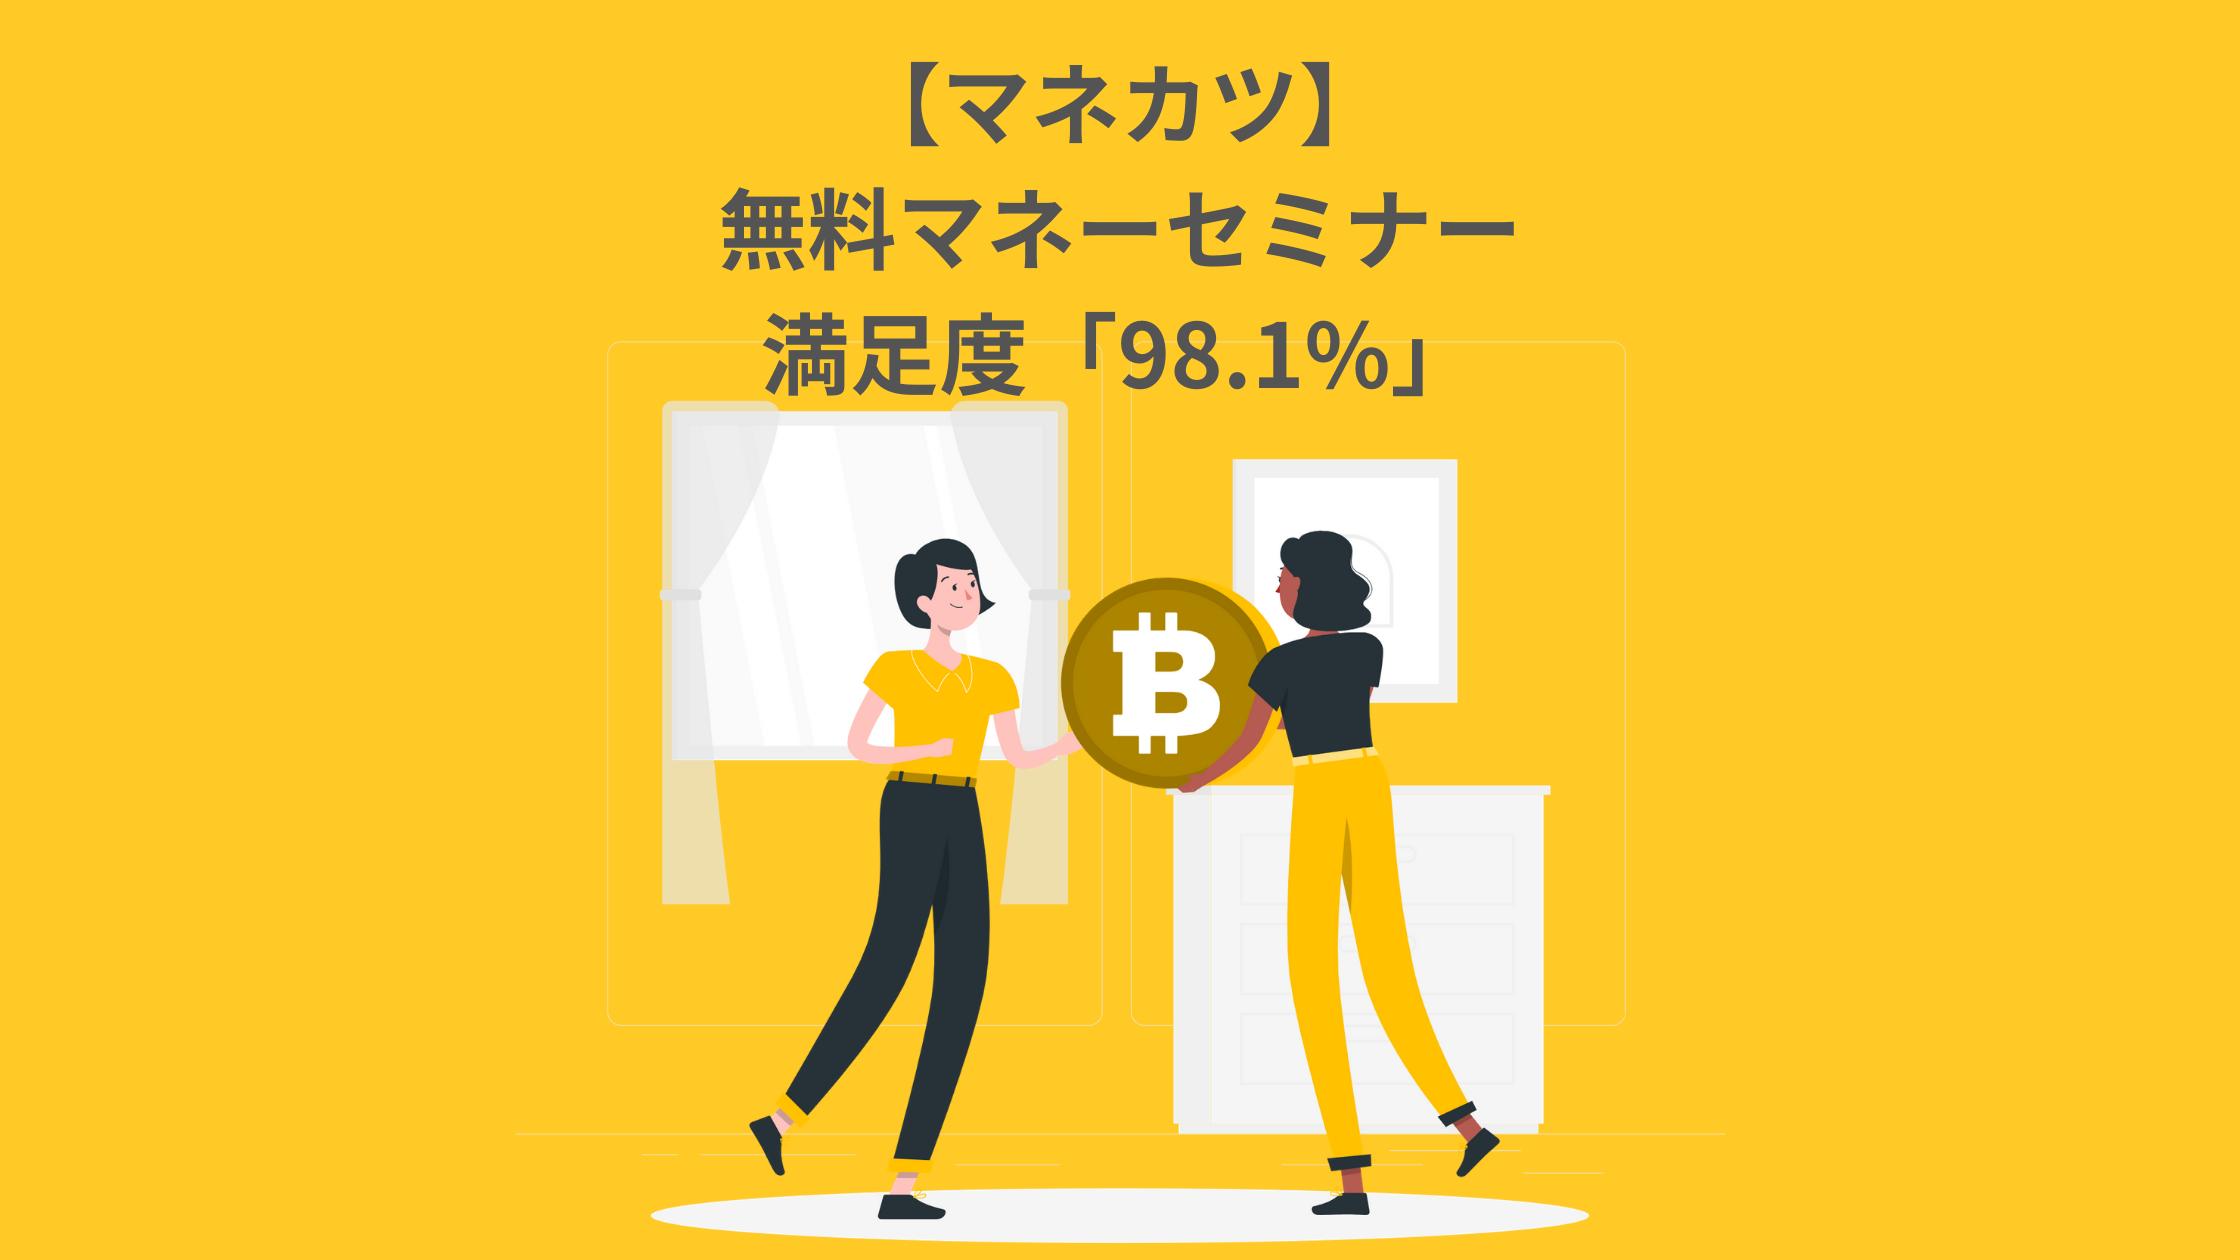 【マネカツ】 無料マネーセミナー